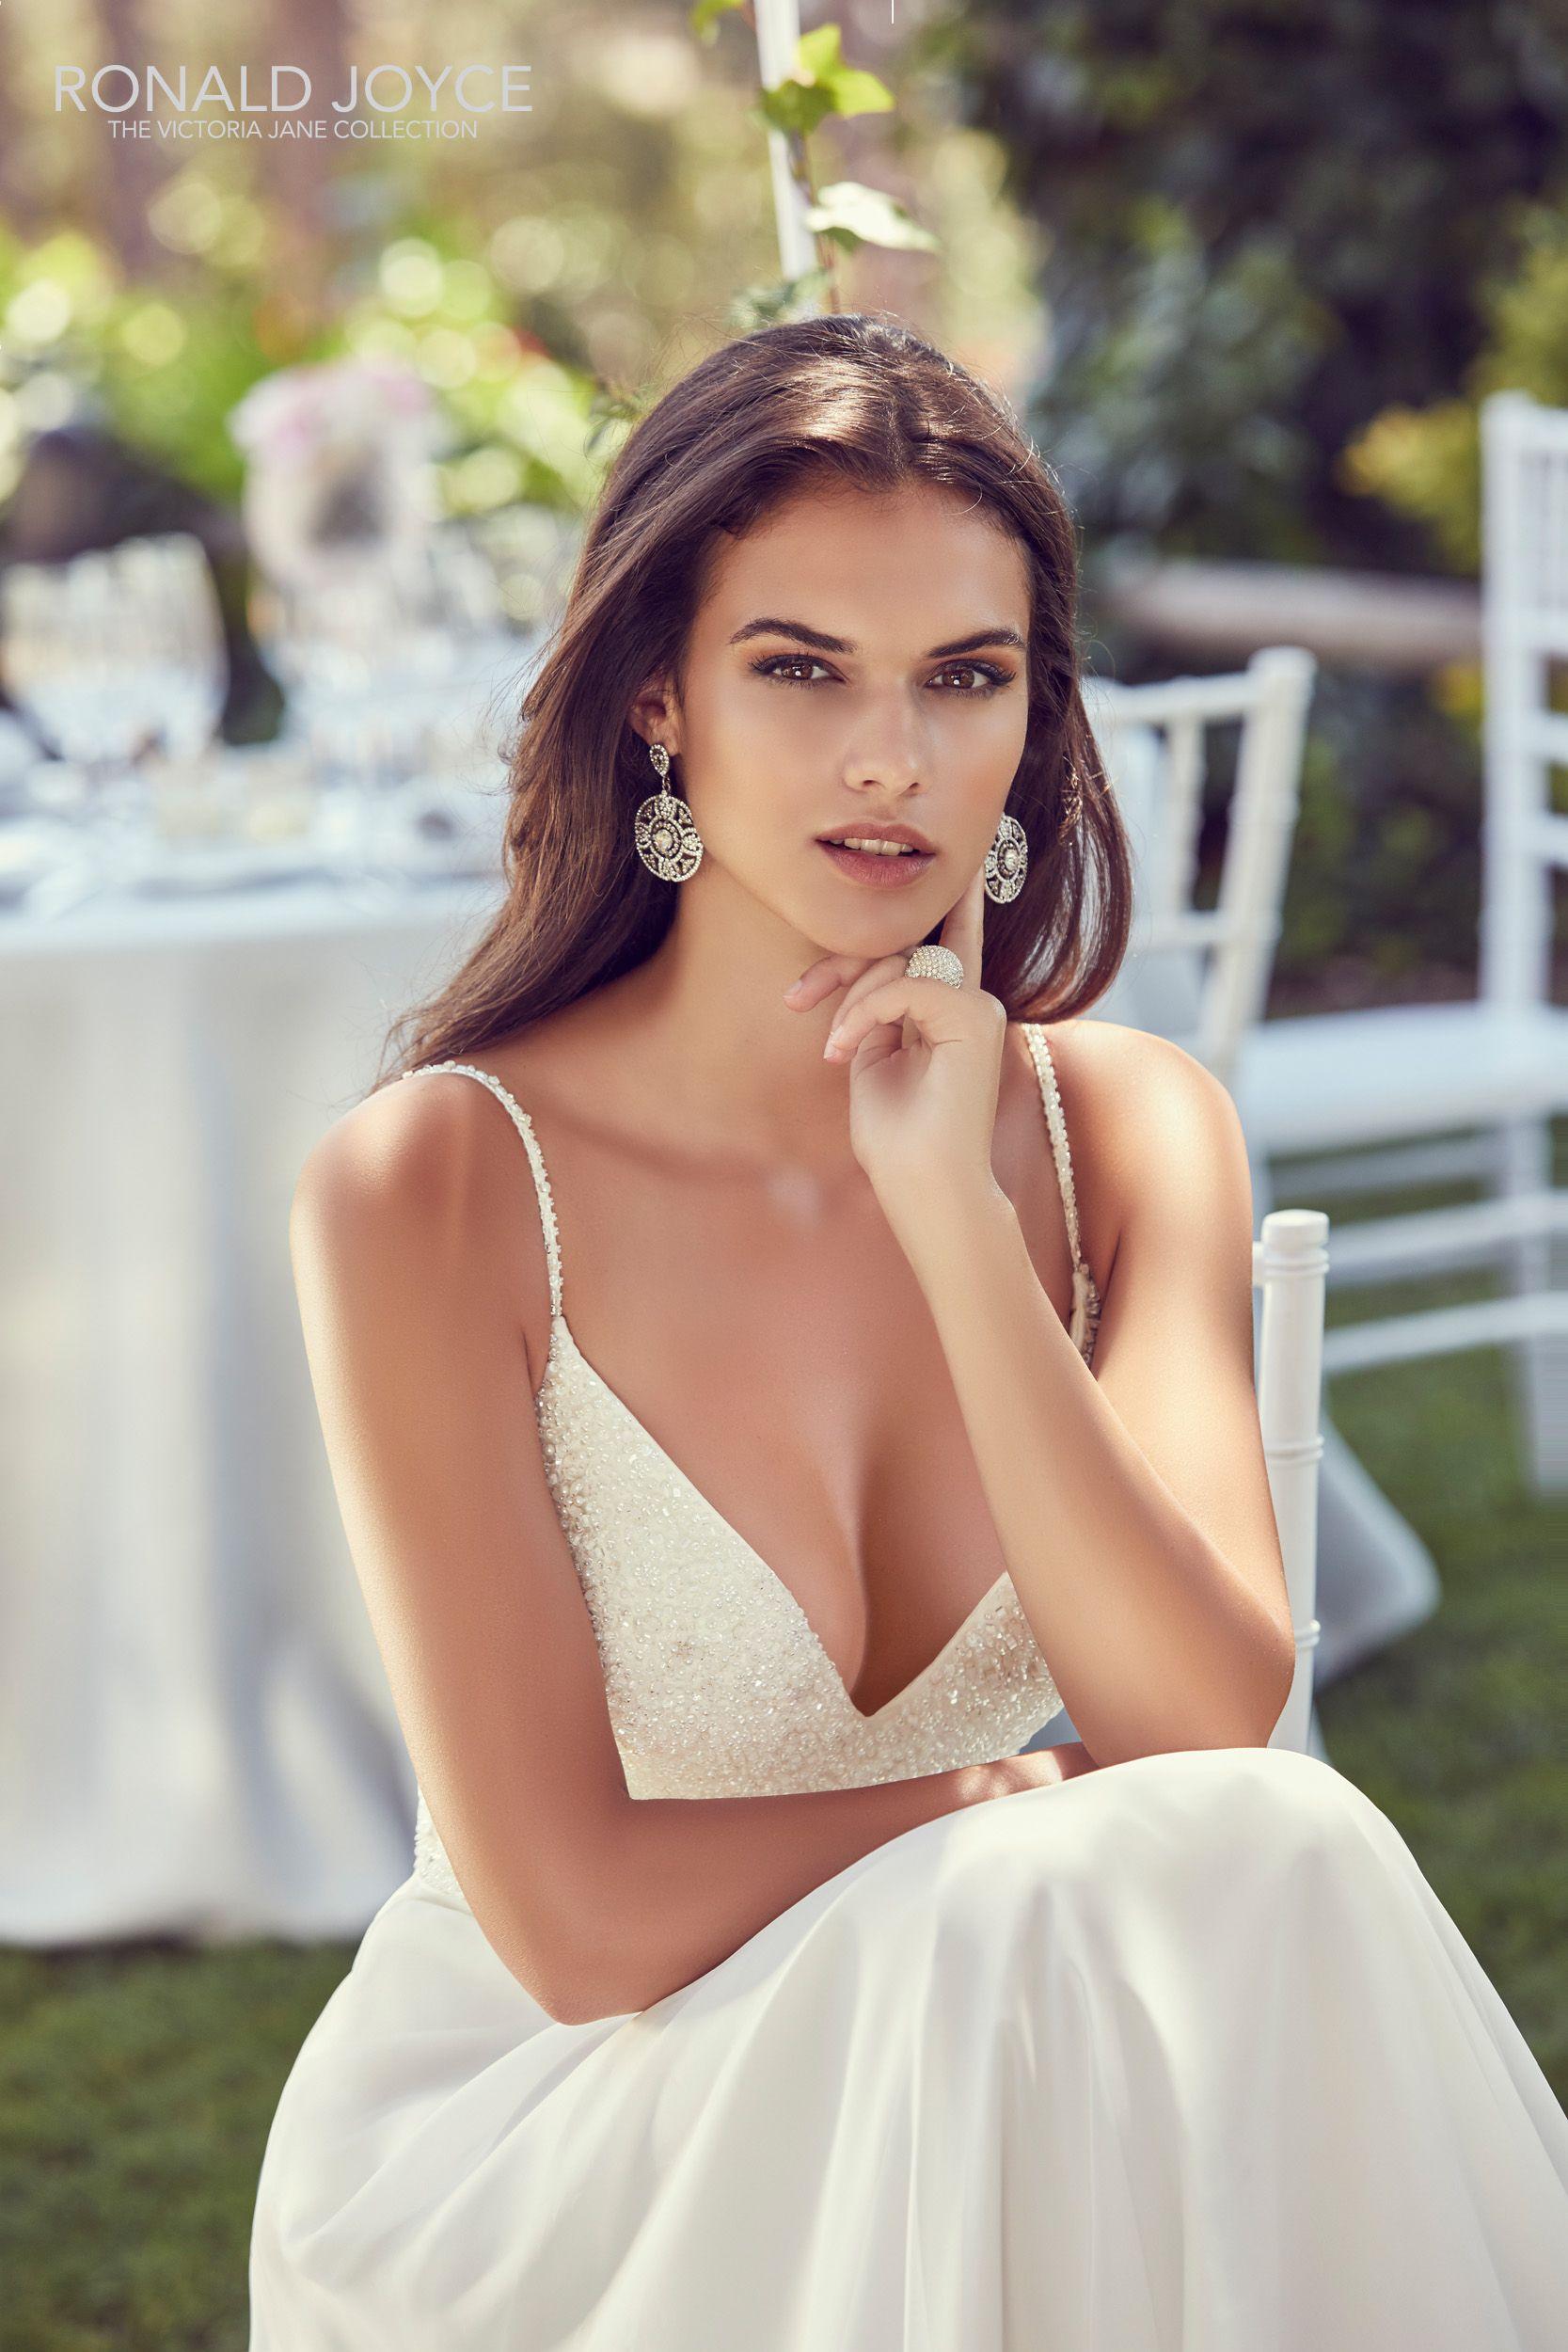 Ronald joyce wedding dress wow wedding dress show stopper wedding